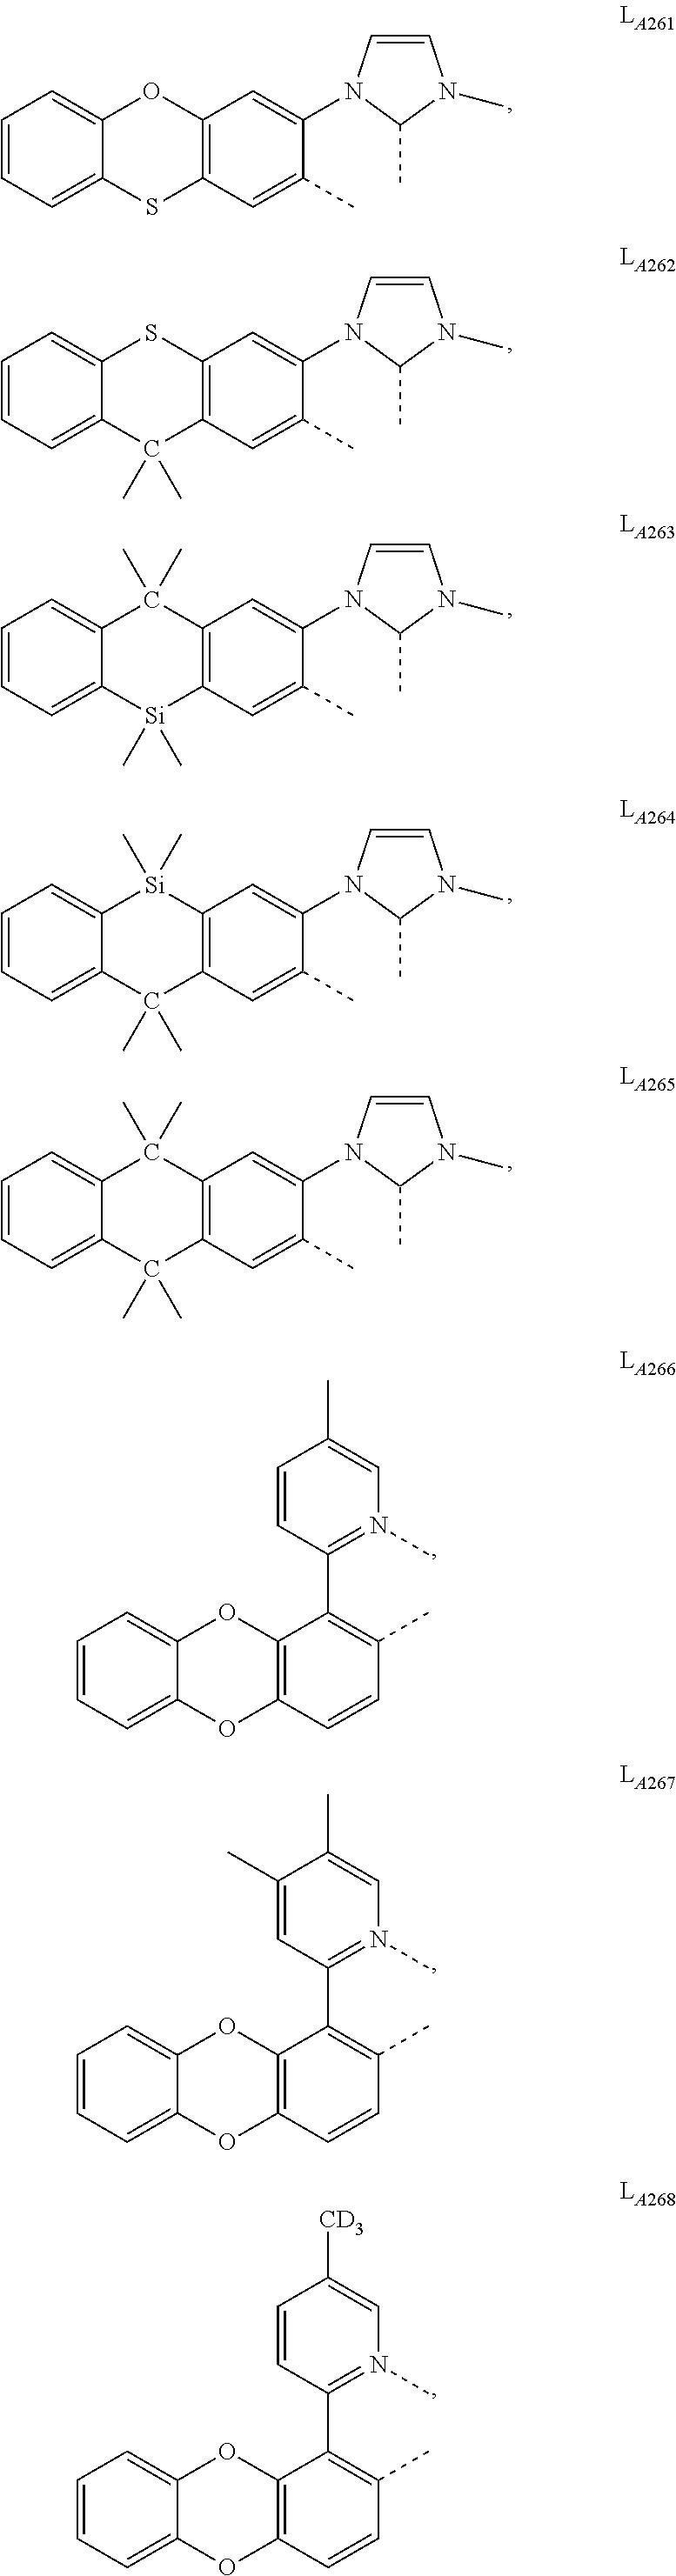 Figure US10153443-20181211-C00046